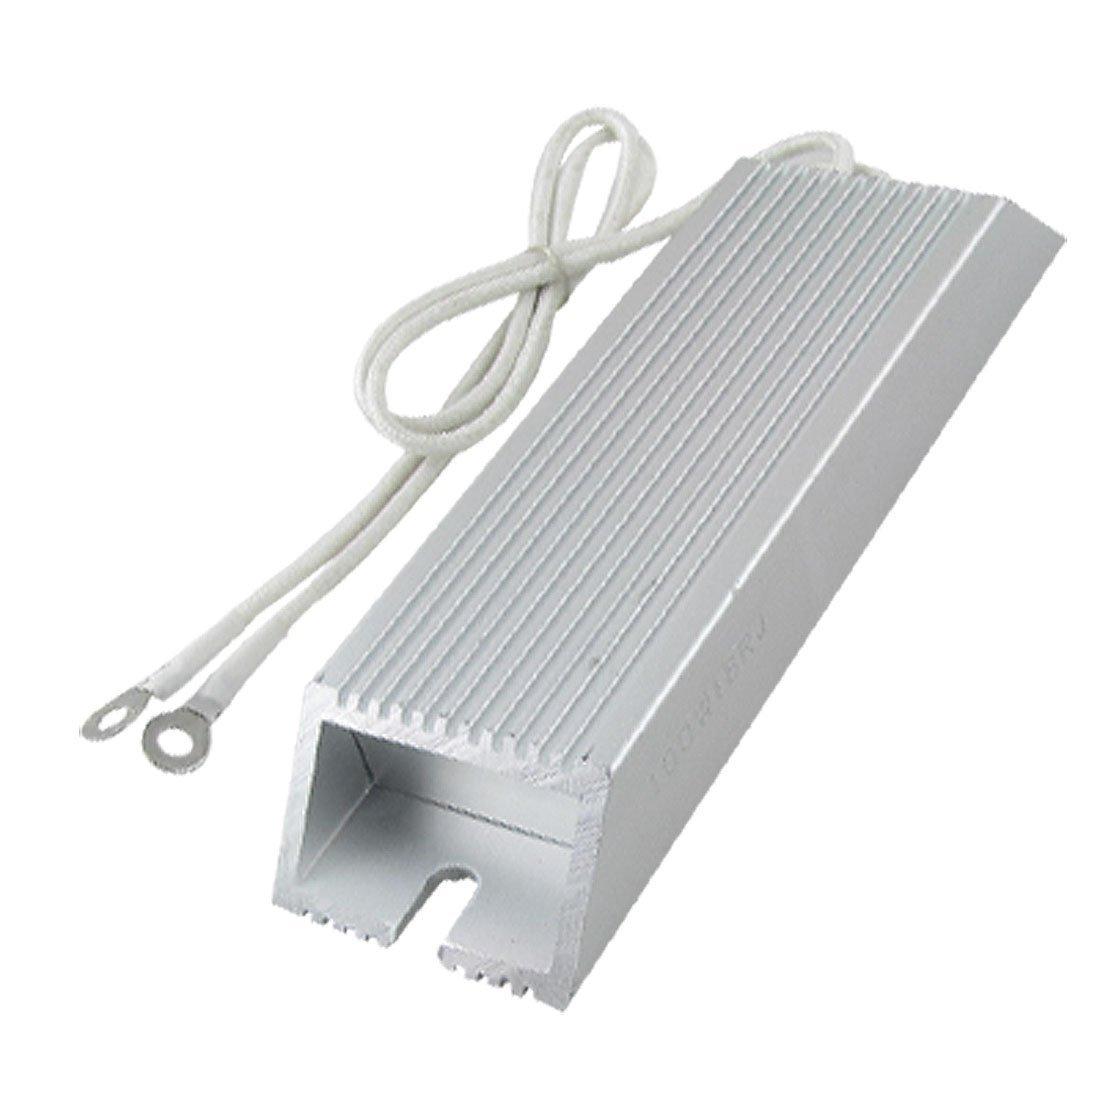 DealMux Aluminum Housing Wirewound Braking Resistor 100W 18 ohm